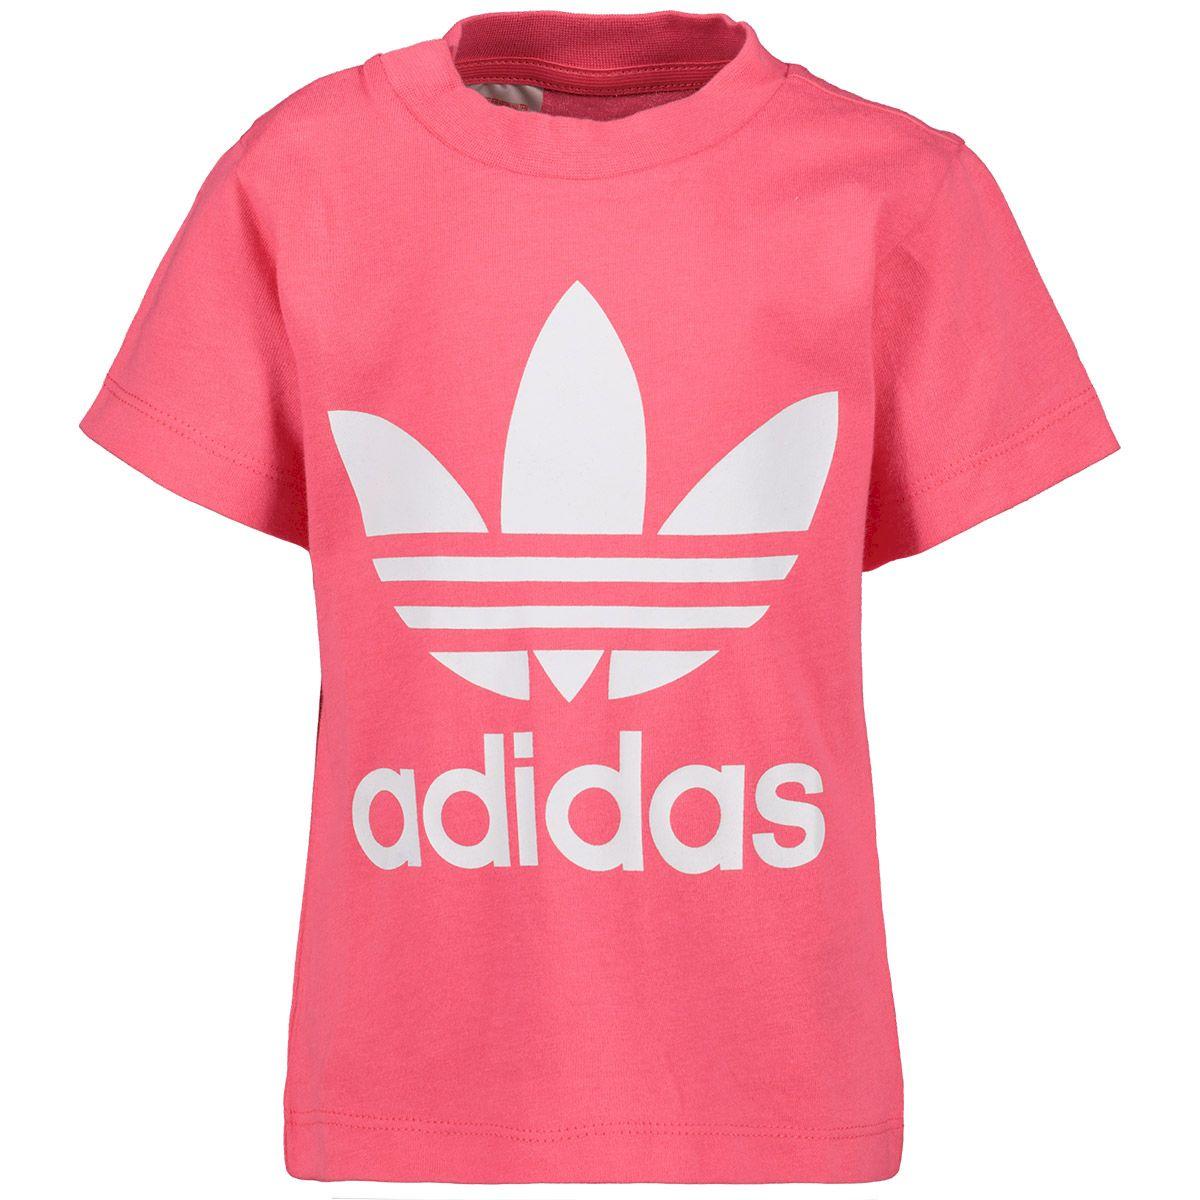 8cd86e912ff117 adidas originals T-shirt roze - kleertjes.com